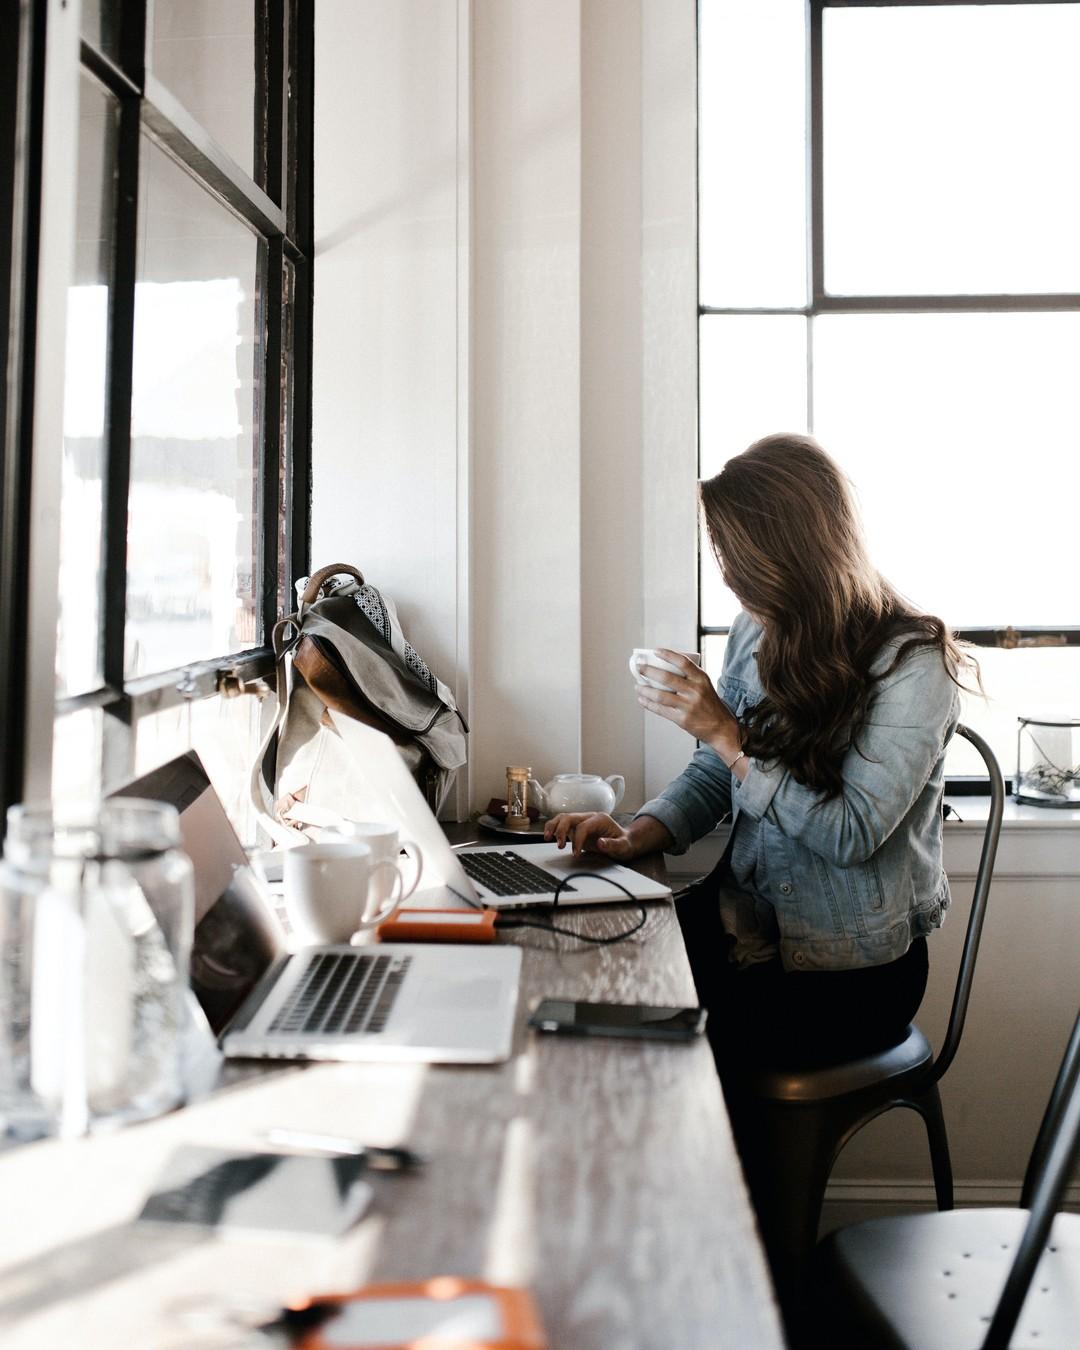 Dziś Dzień Sprzątania Biurka. Świętujecie? 😅 Jak powiedział Einstein, jeśli zagracone biurko jest oznaką zagraconego umysłu, to oznaką czego jest puste? Ideałem będzie tu chyba kompromis. Miłego dnia! #dziensprzataniabiurka #minimalsetups #deskgoals #designyourworkspace #deskdecor #desksituation #workspacegoals #homeoffice #desktops #deskinspo #workhardanywhere #officeinterior #workspacedesign #officevibes #creativeworkspace #deskorganizer #desksetup #interiordesign #workstation #workspace #girlboss #technology #office #officeinspo #productivespaces #domowebiuro #mojebiurko